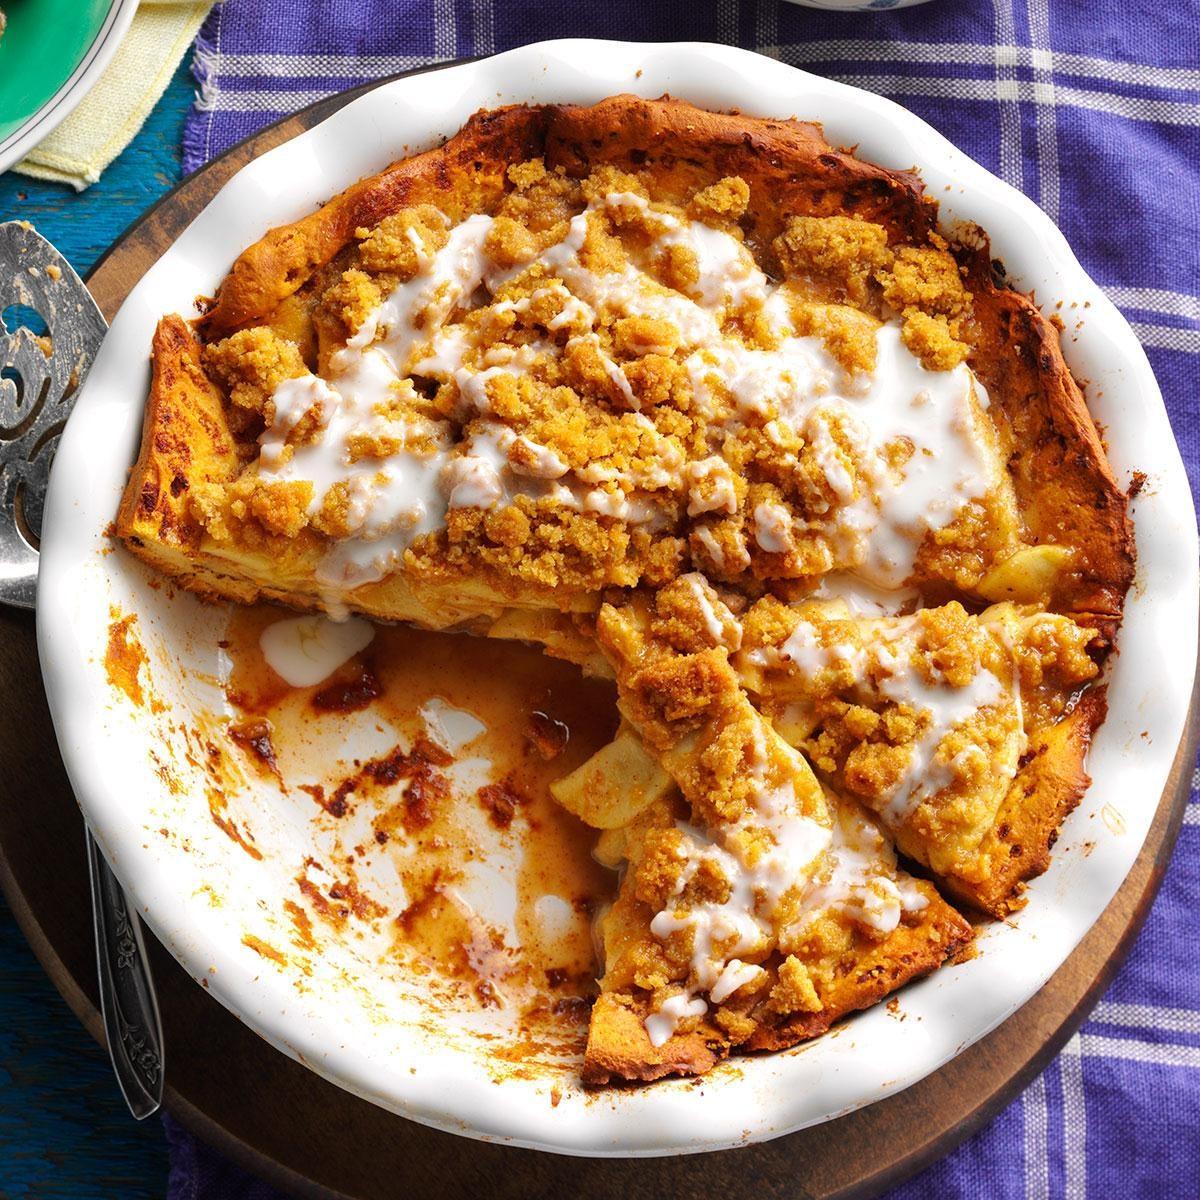 This Cinnamon Swirl Apple Pie Recipe Will Make Your Baking Dreams Come True